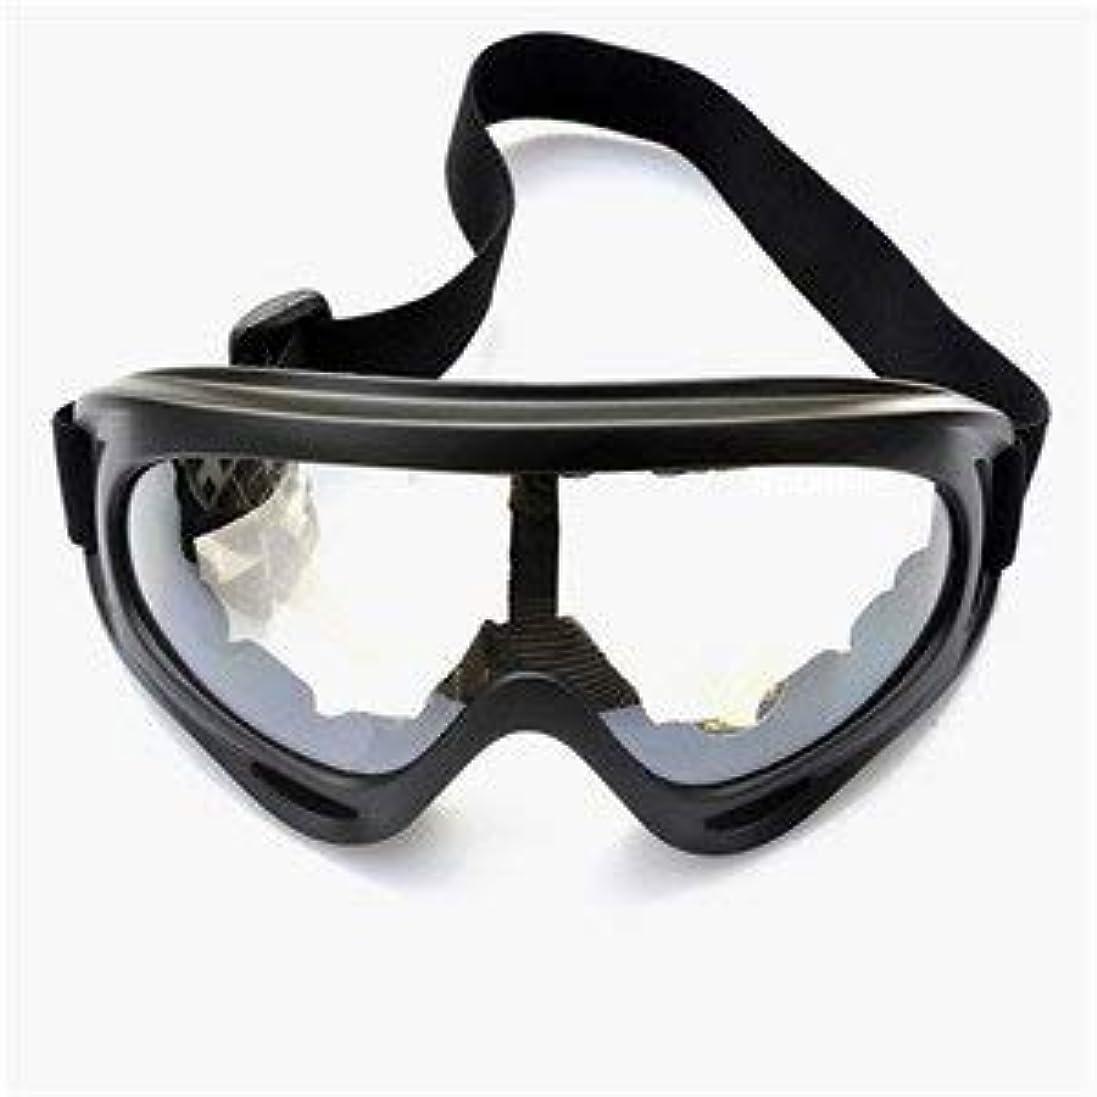 くぼみ忠誠こどもセンターBeesClover X400 UV保護 アウトドア スポーツ スキー スノーボード スケートゴーグル オートバイ オフロード サイクリング ゴーグル メガネ 眼鏡 レンズ クリア WX_FQ1OU_AOBH8DYH-US-0226-prithivi